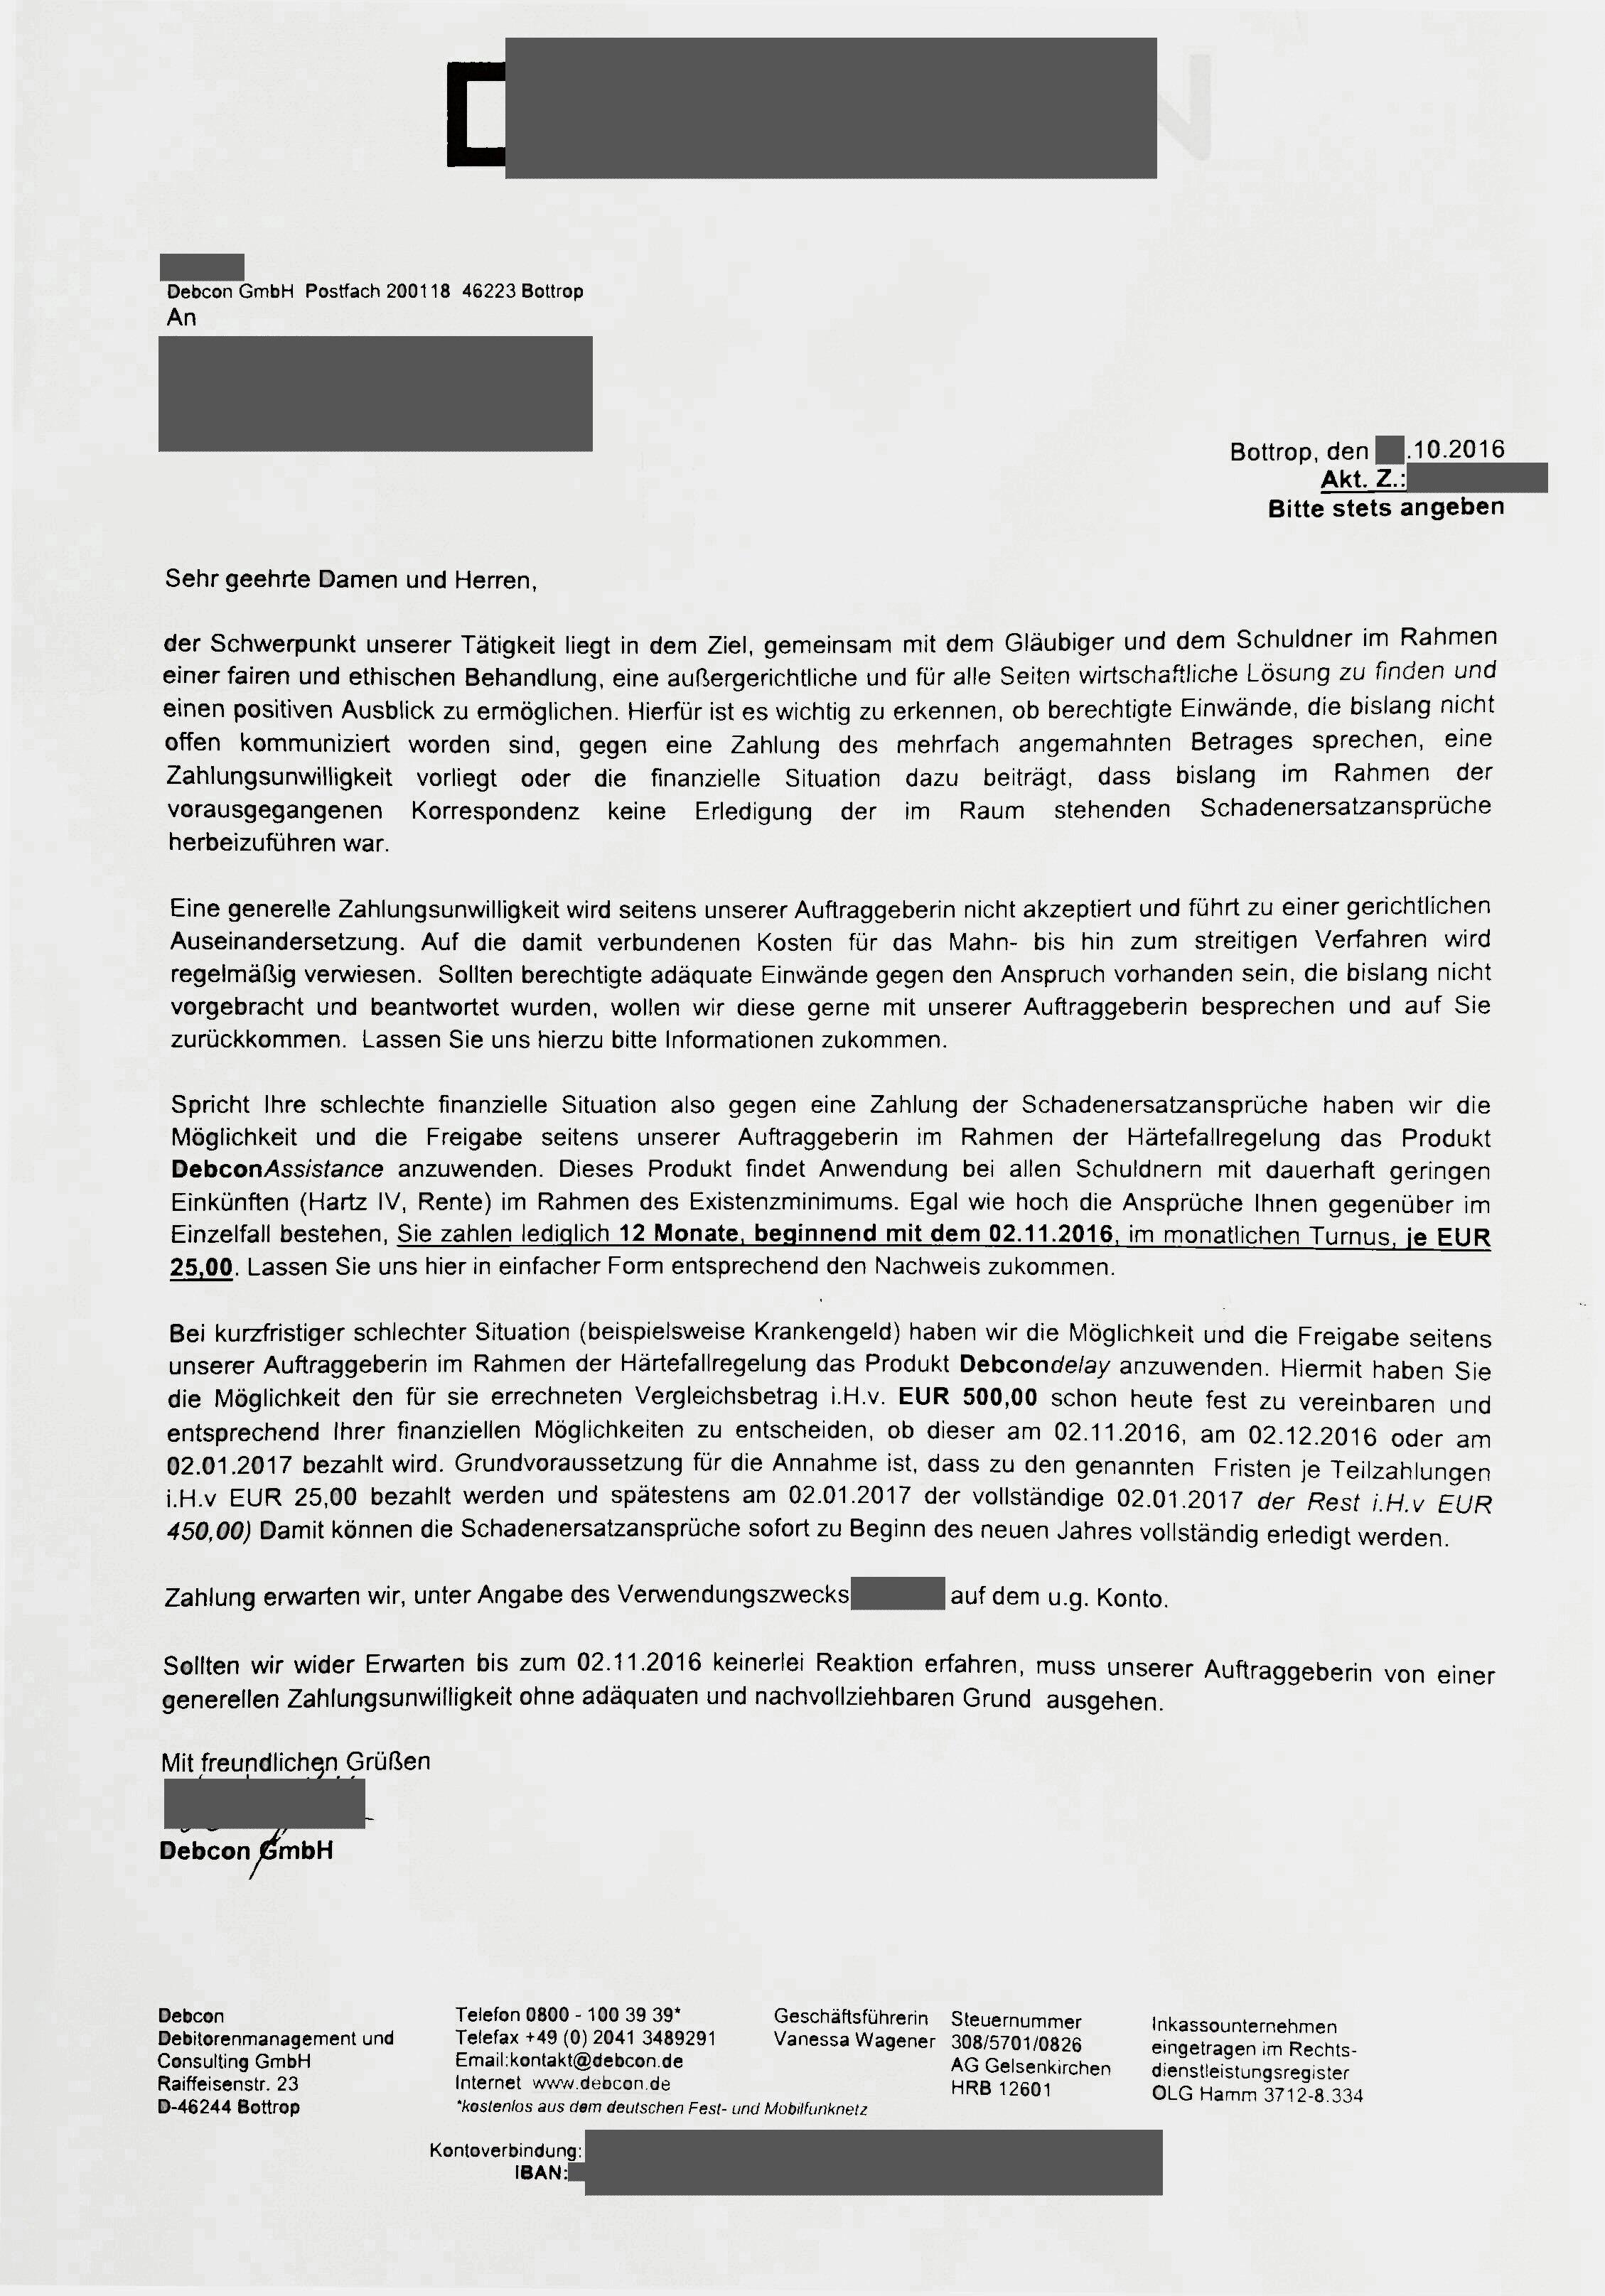 Forderungen Von Der Debcon Gmbh Chmiel Consulting Seite 164